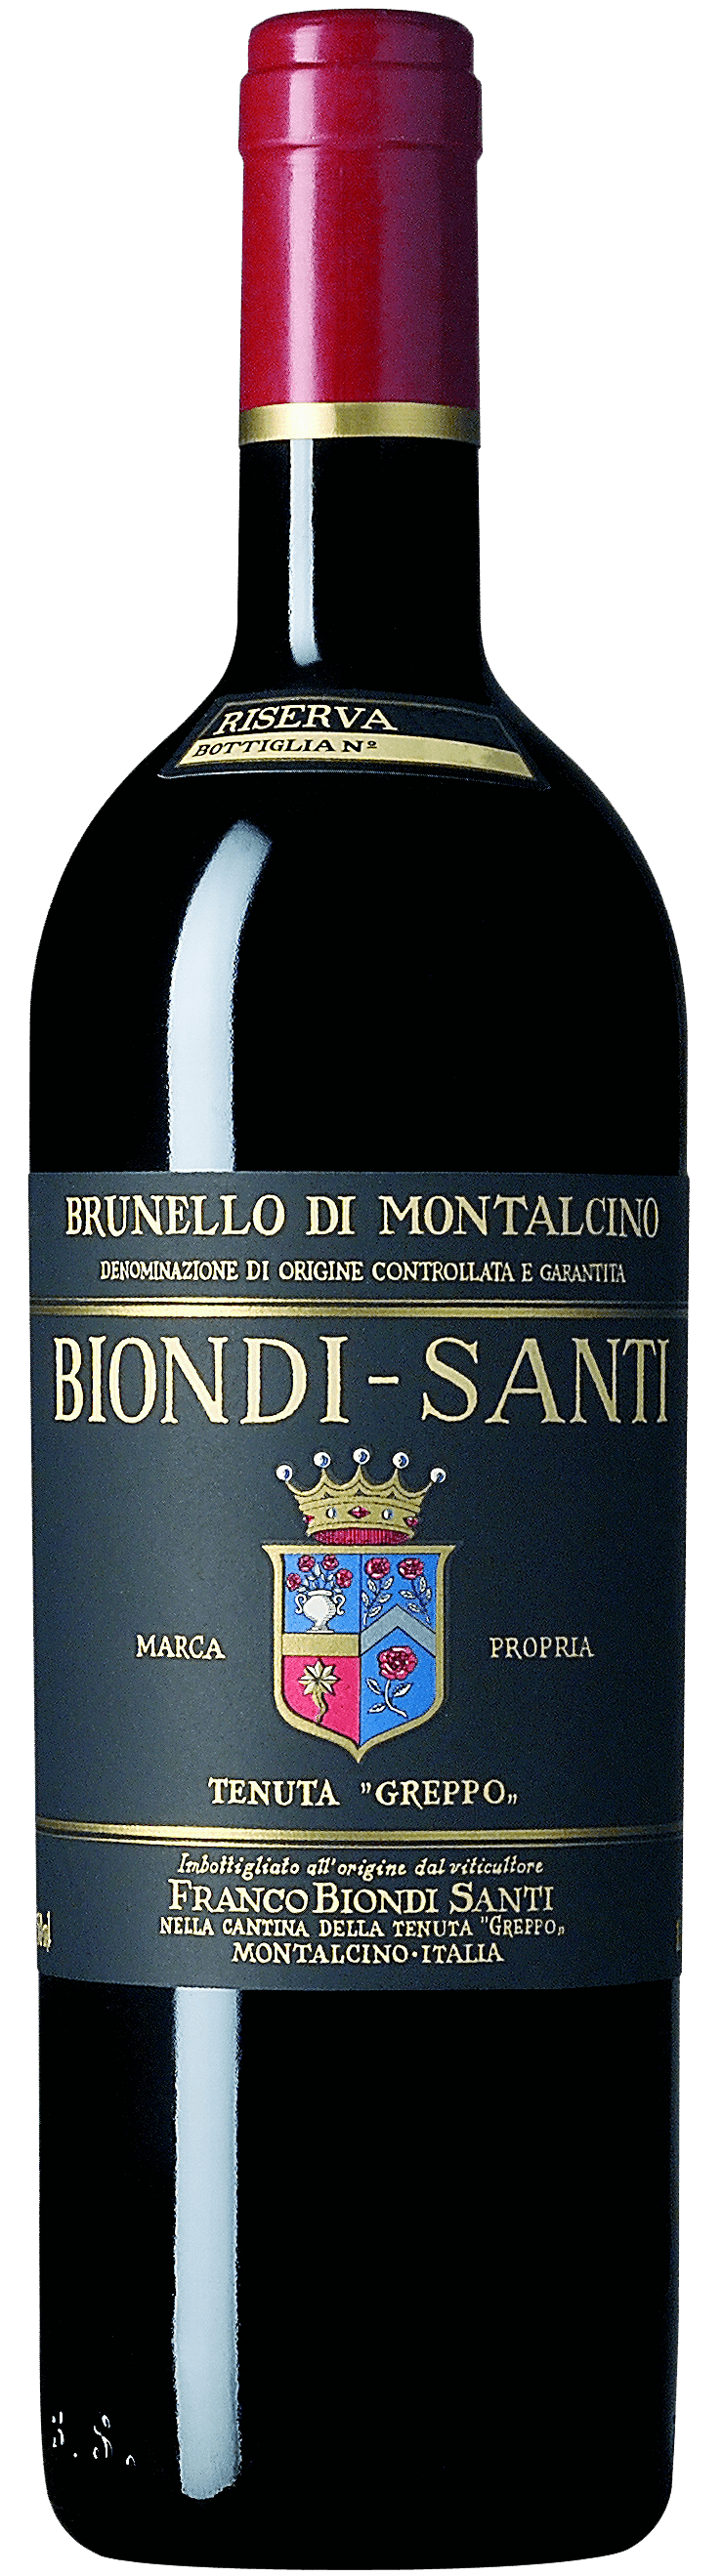 Biondi-Santi, Brunello di Montalcino Riserva 2011